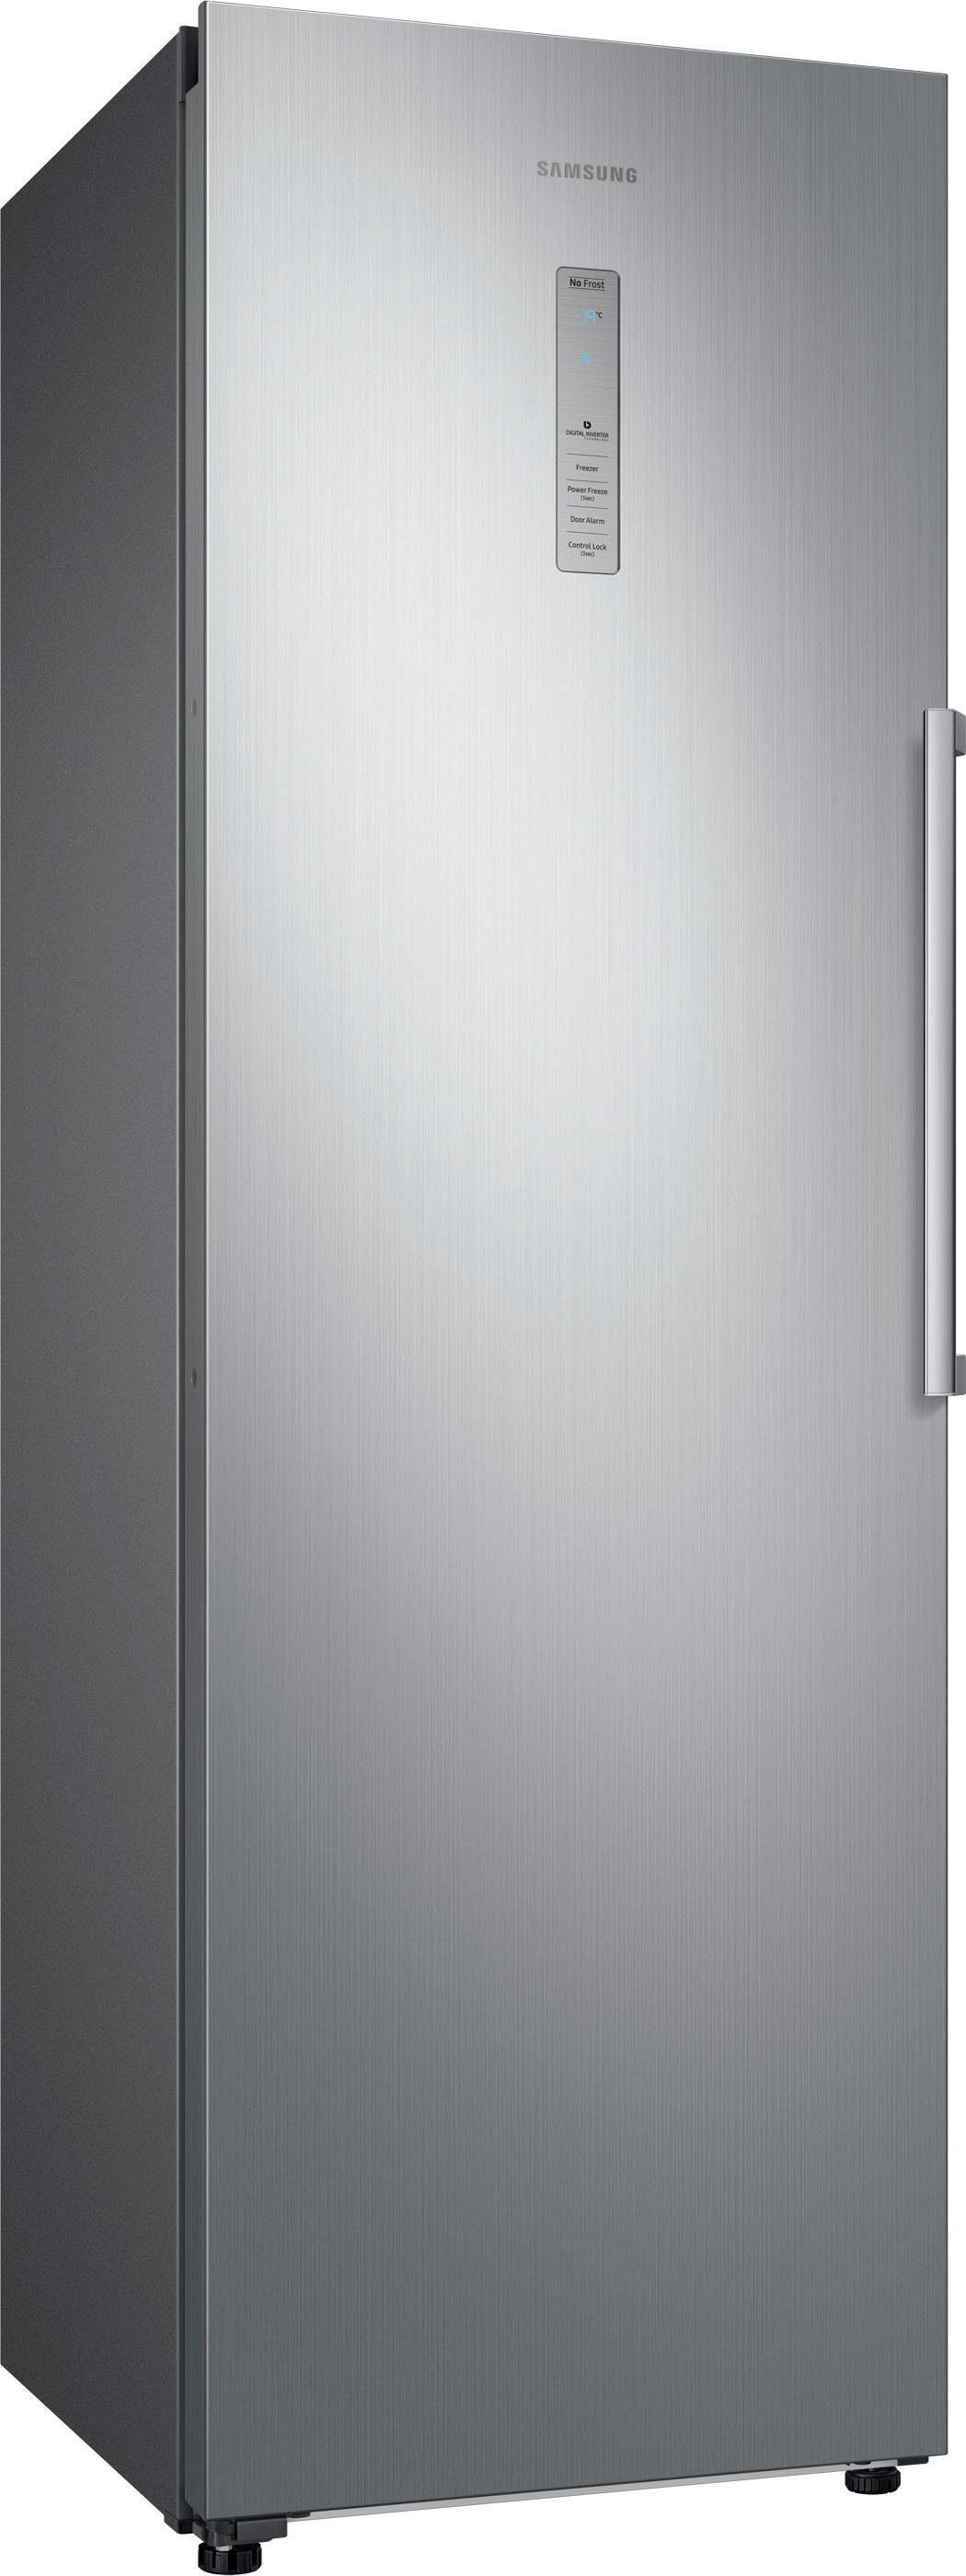 Samsung Gefrierschrank RZ32M7115S9 EG, RR7000, 185,3 cm hoch, 59,5 cm breit